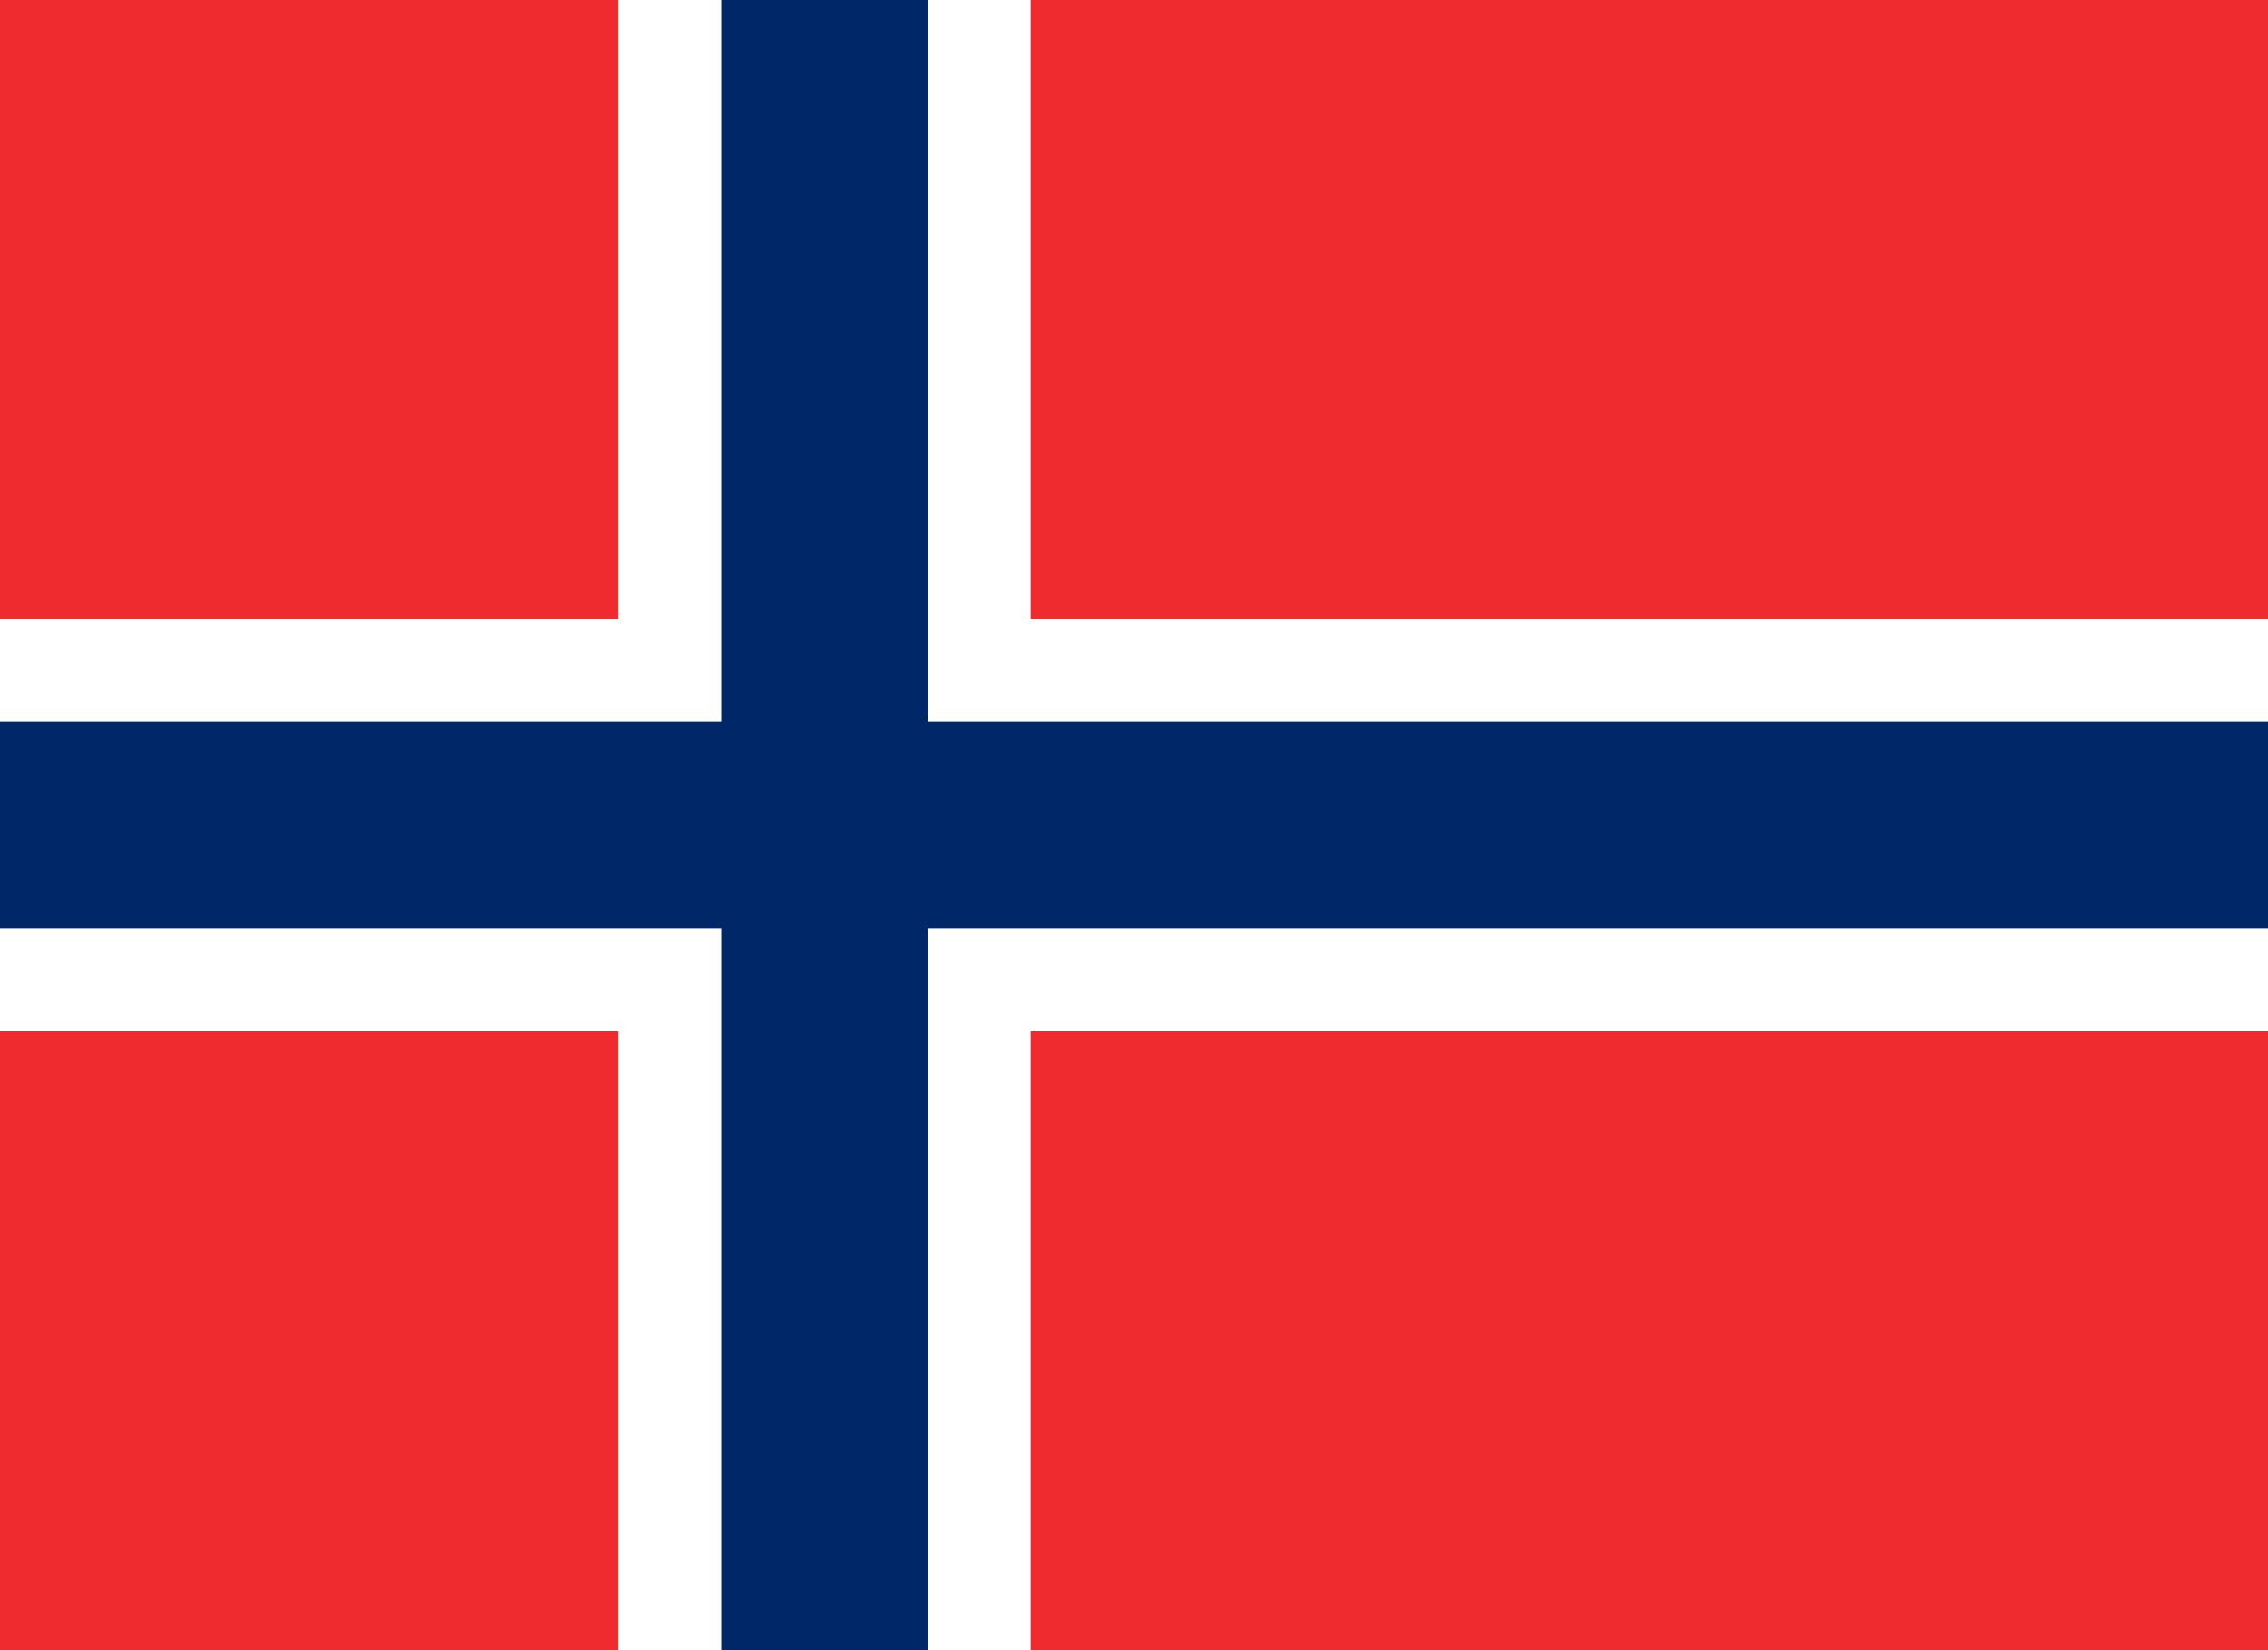 Bandera Noruega Png 2560 1862 Bandera De Noruega Banderas De